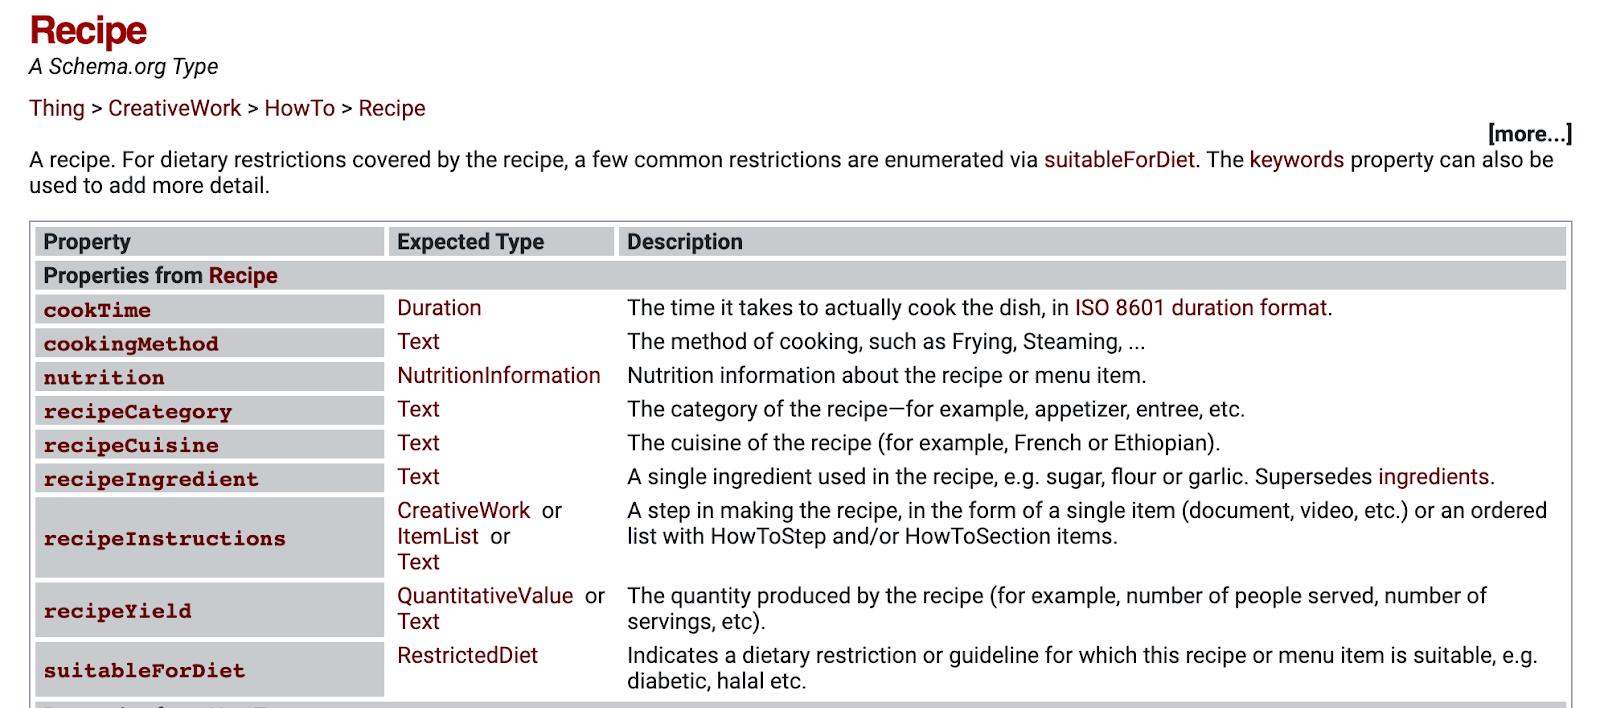 recipe schema on schema.org